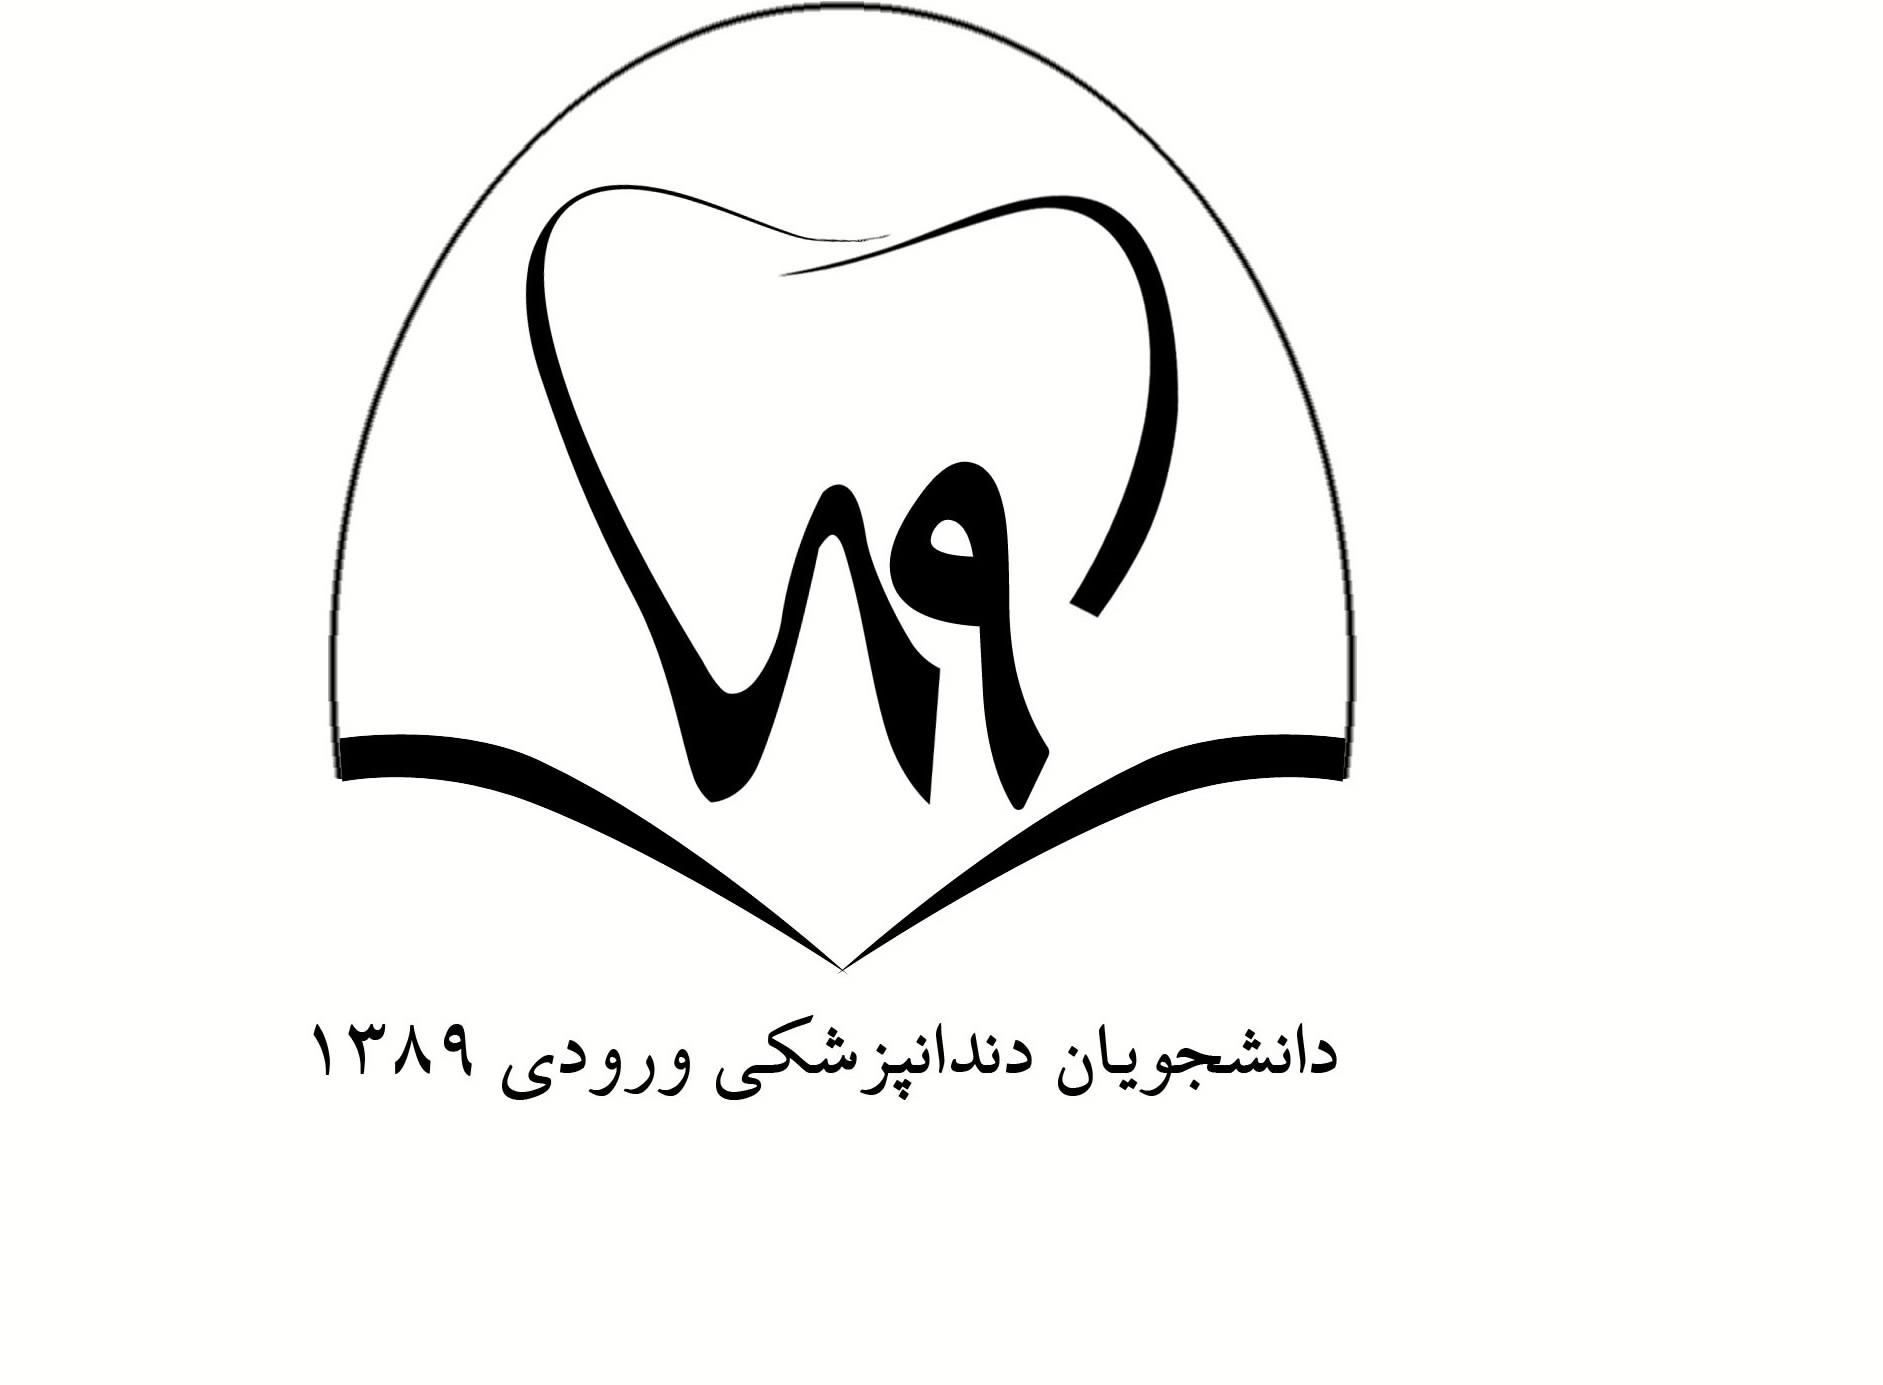 دندانپزشکی 89این لوگوی فنی و بسیار شیک توسط آقای علی کاظمی طراحی شده(ایول)